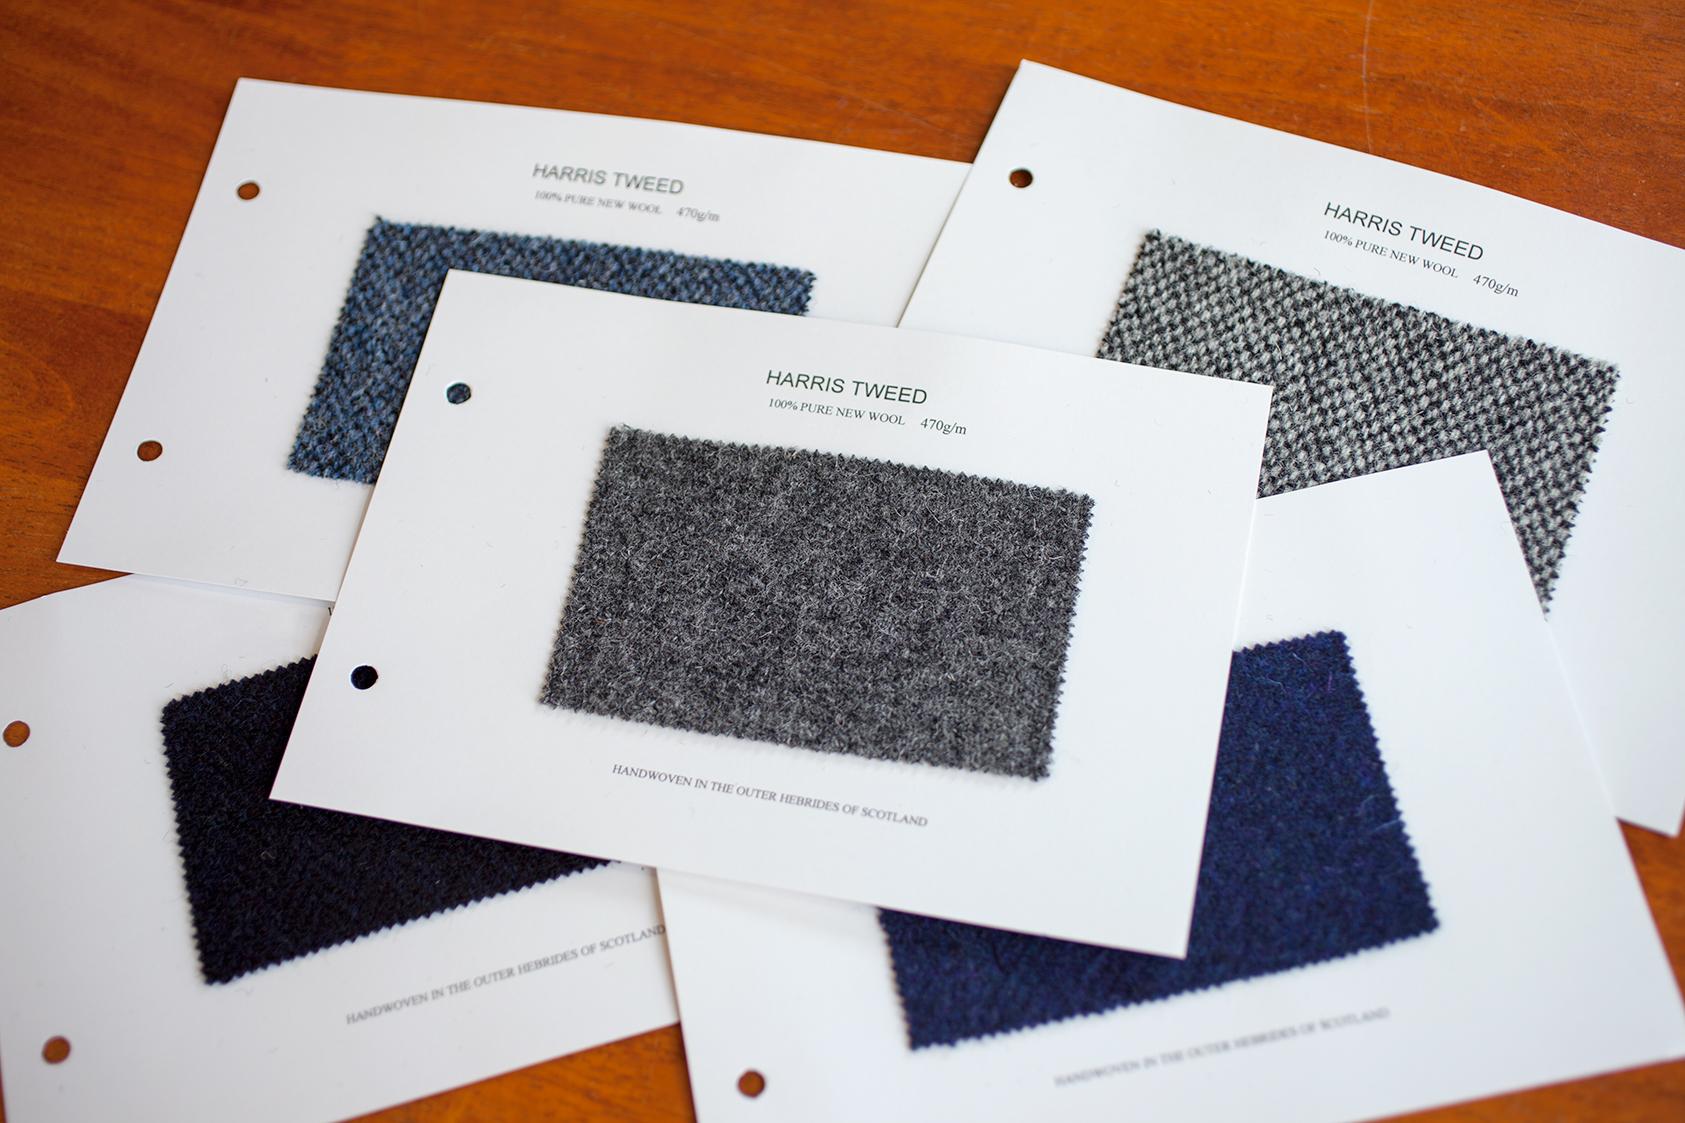 ハリス・ツイード 生地 Harris Tweed fabric